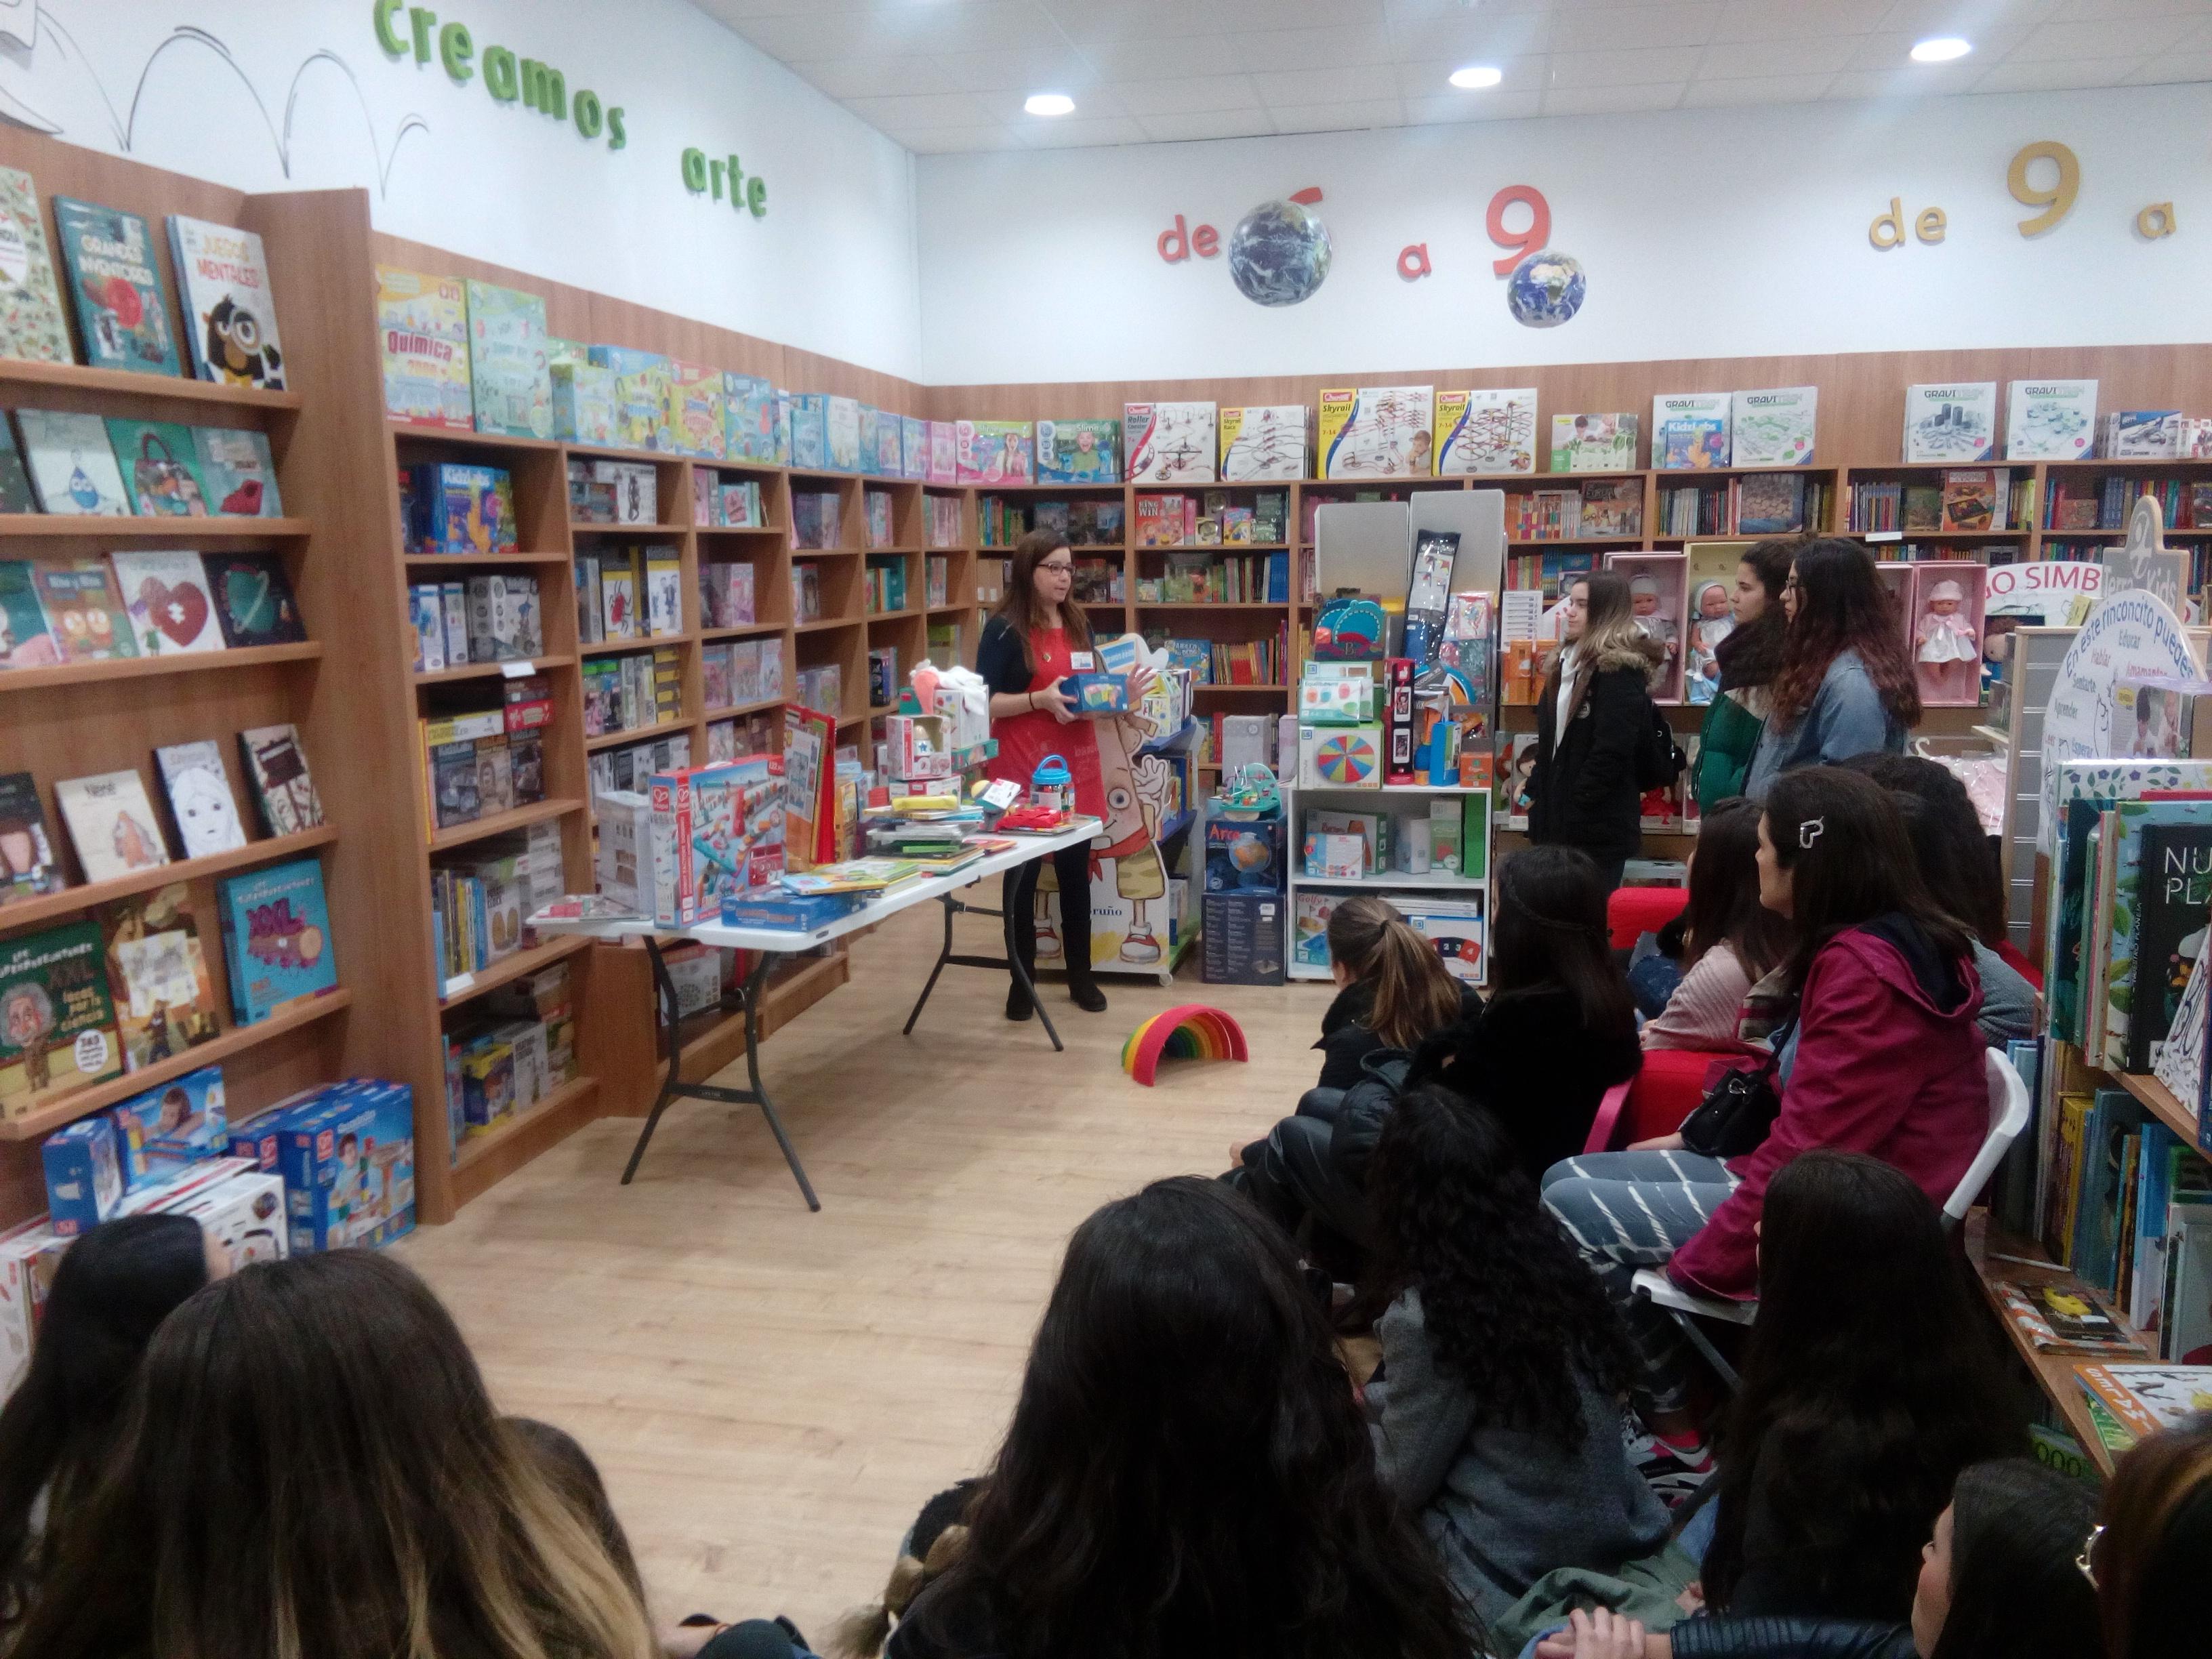 ceu-andalucia-libreria